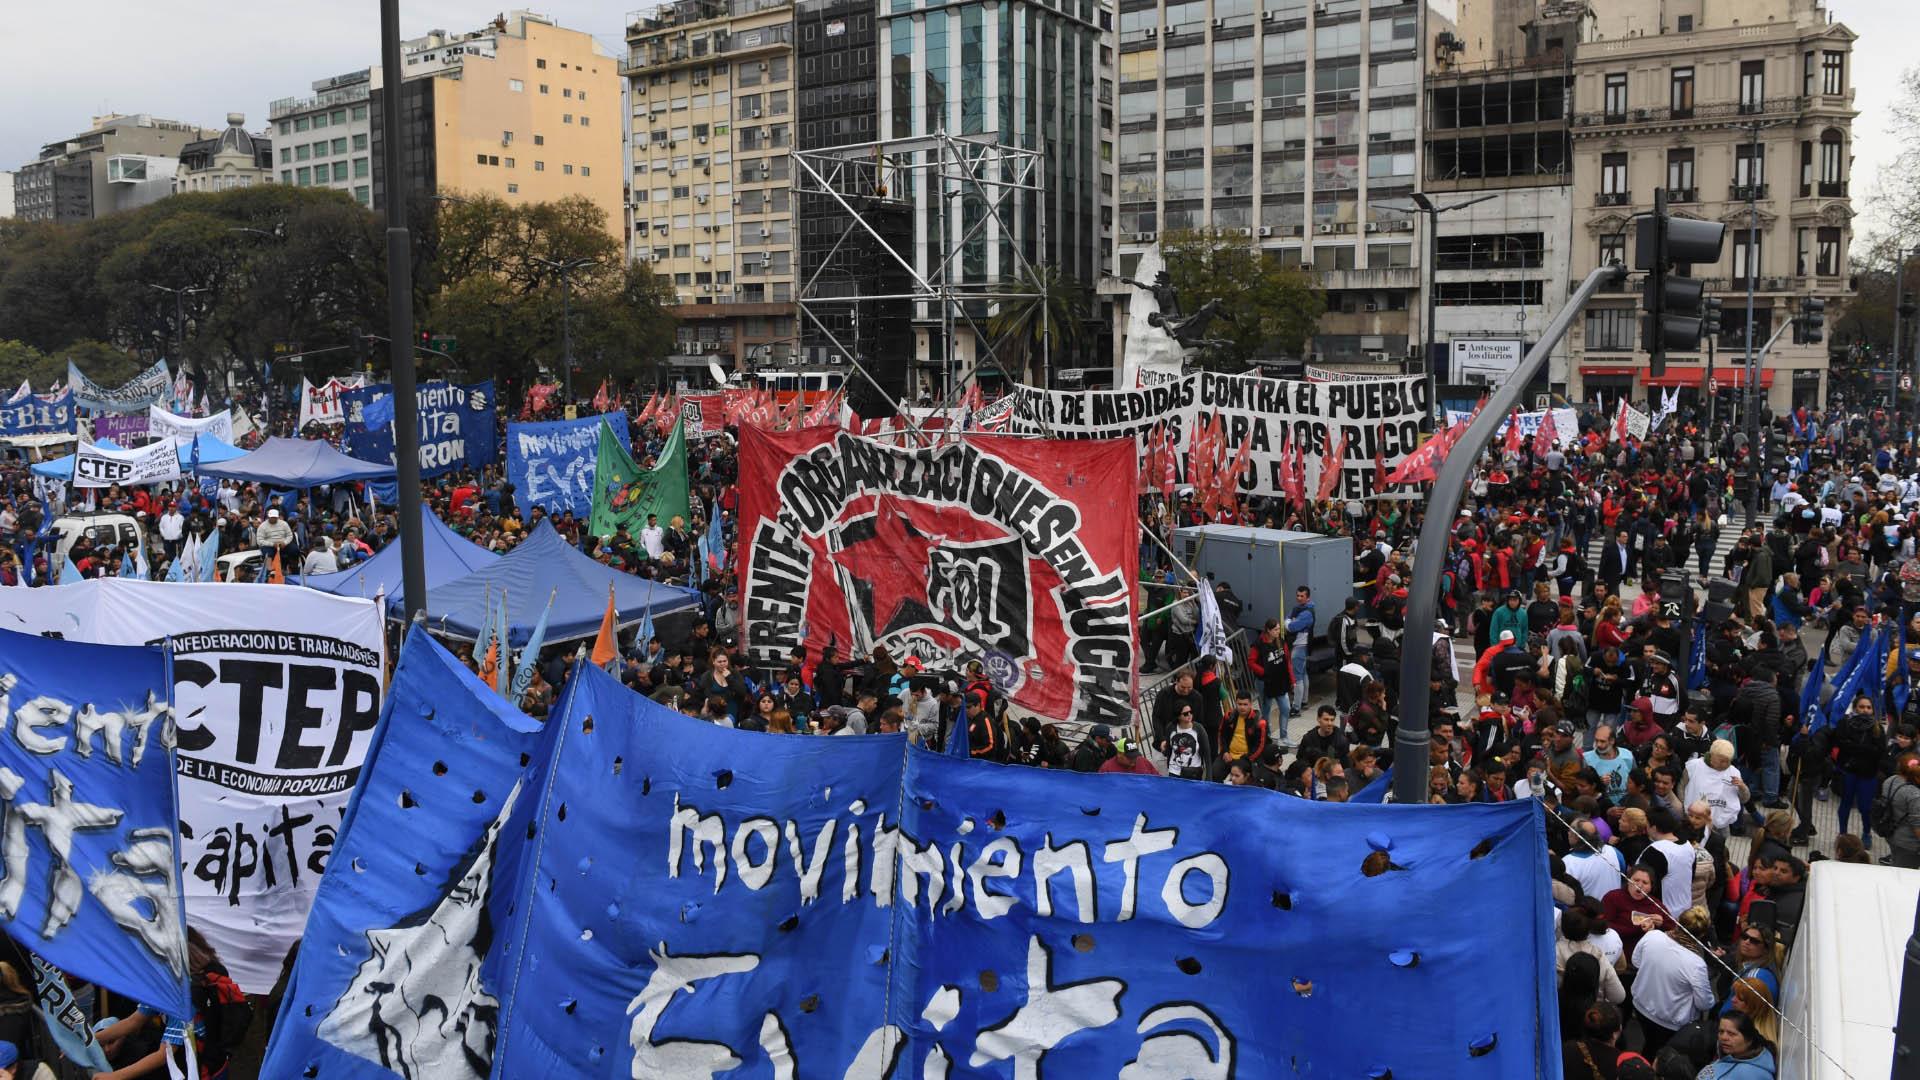 Los movimientos sociales manifestaron su preocupación por la crisis económica